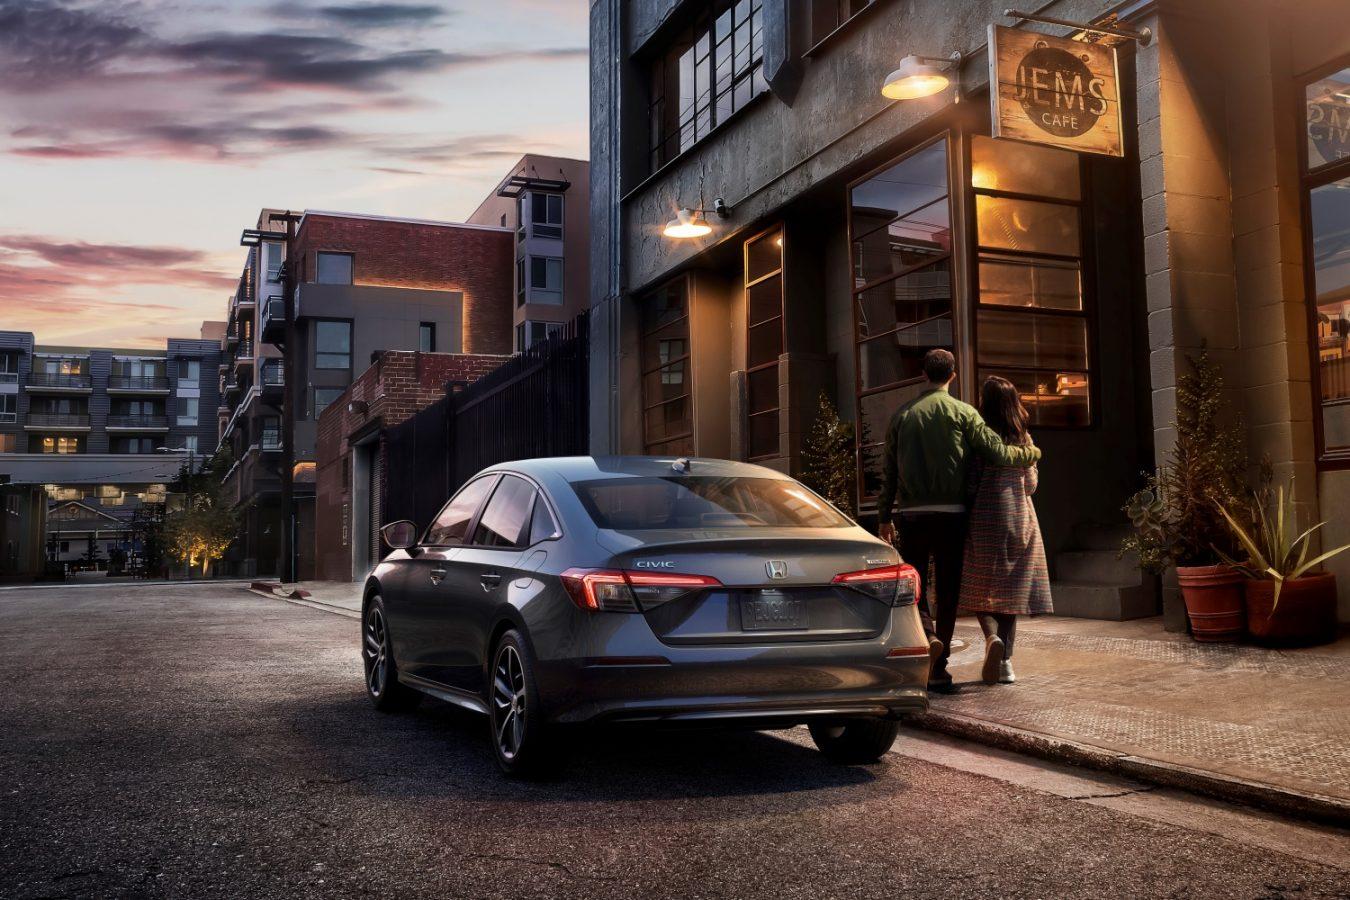 Honda Civic z bezprzewodowym Android Auto.